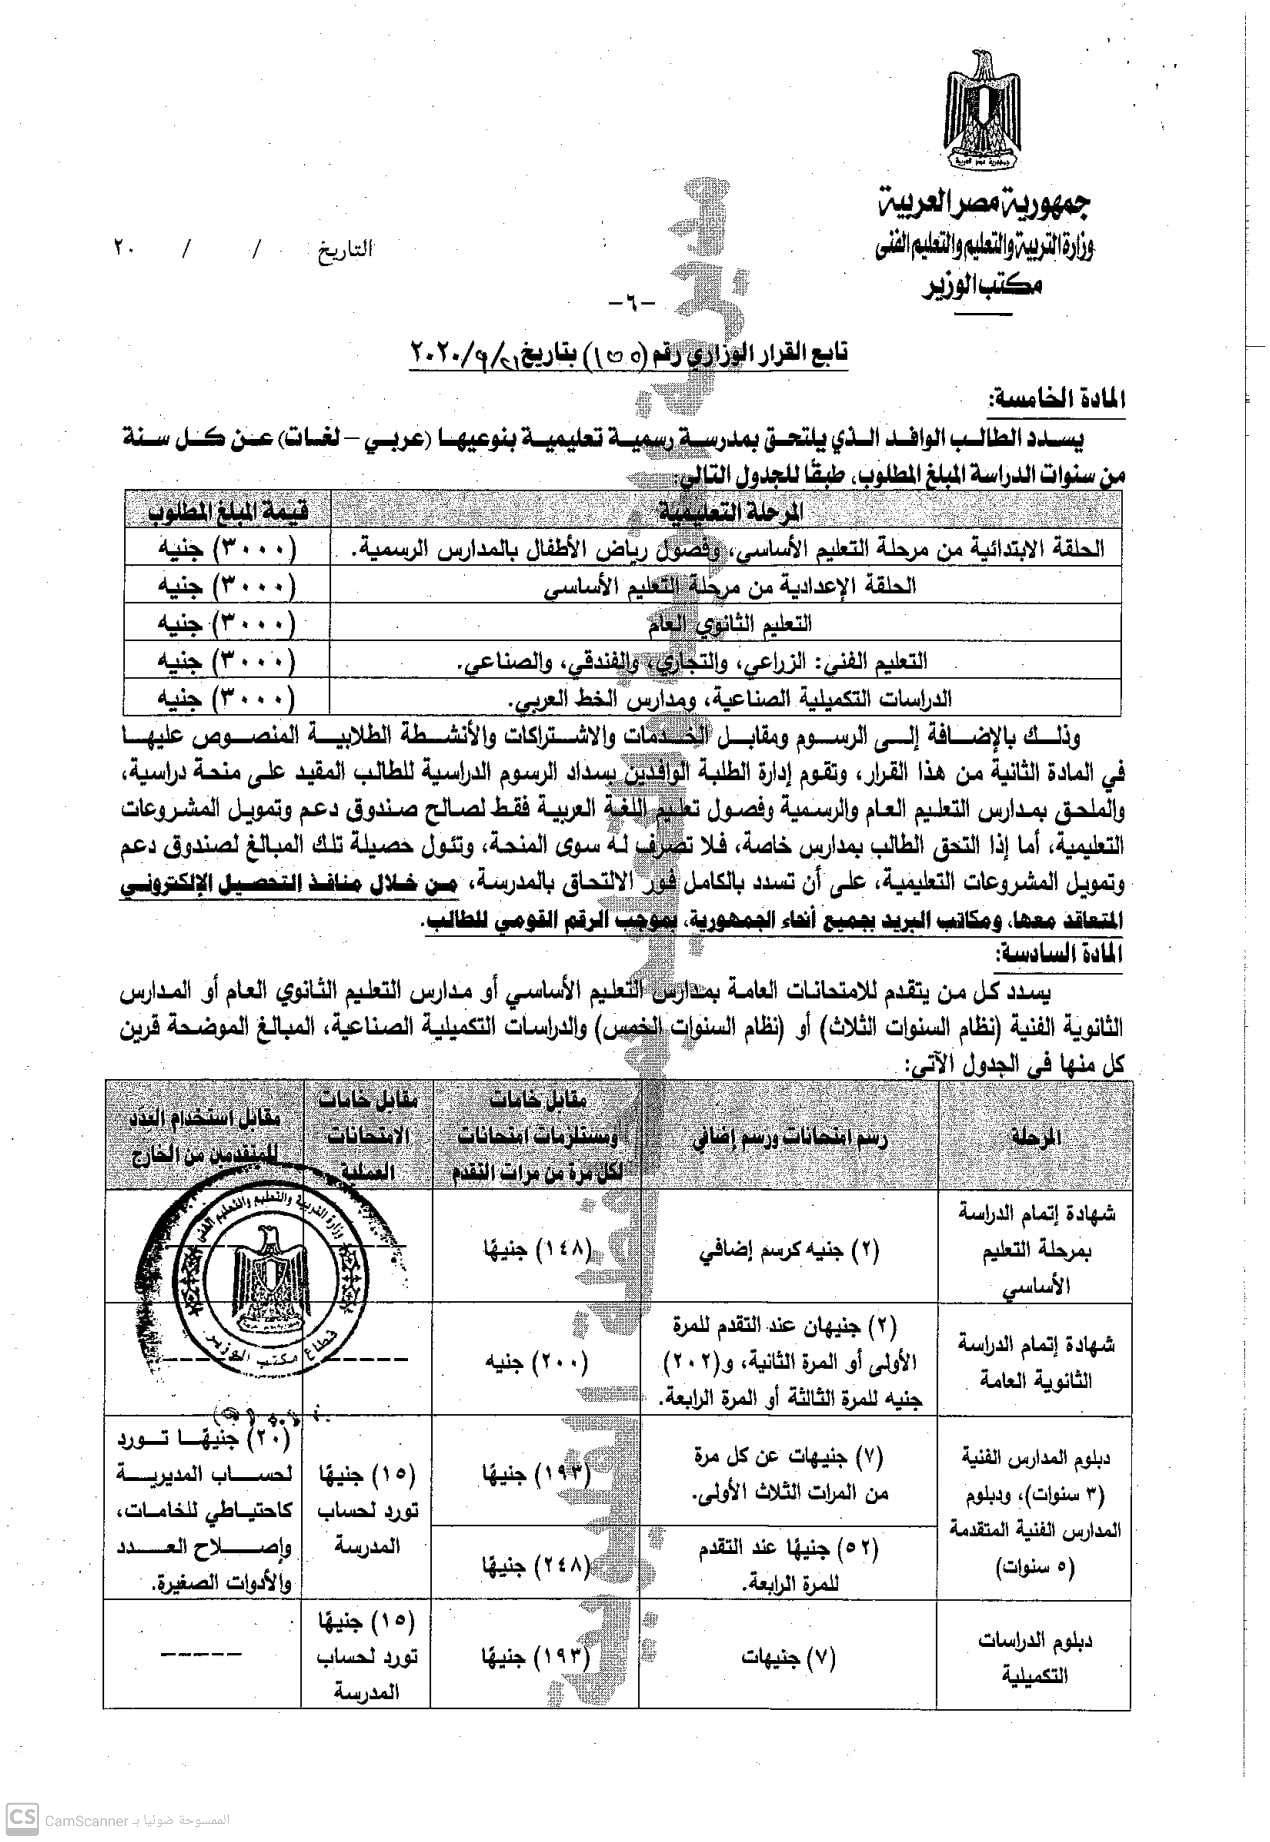 """رسميا.. المصروفات الدراسية للعام ٢٠٢١/٢٠٢٠.. من ٢٠٠ لـ ٥٠٠ جنية """"مستند"""" 6"""